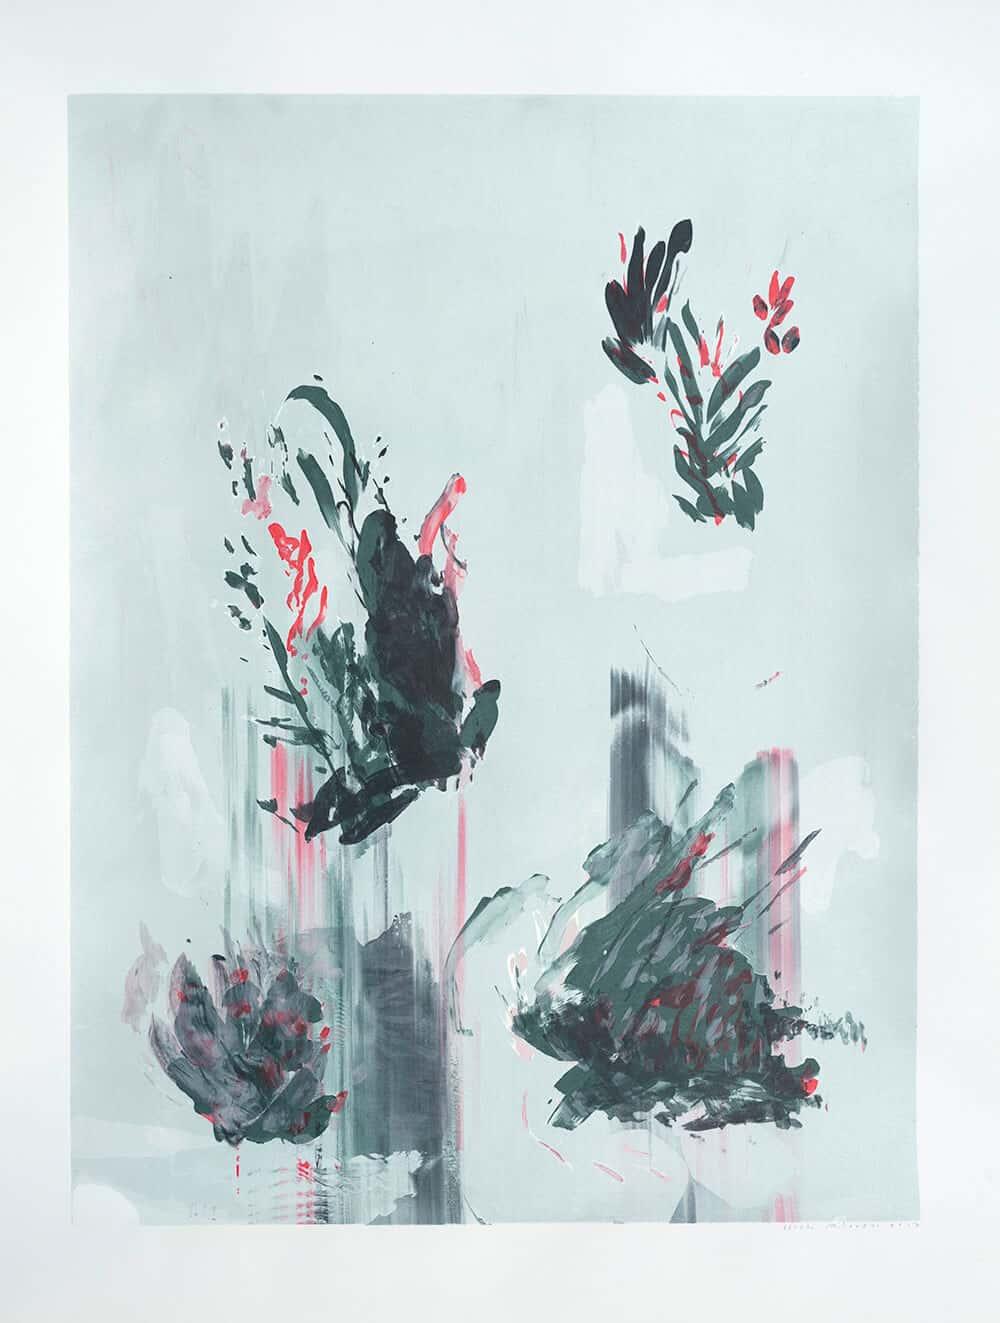 Elsabé Milandri, Shifts, 2017. Silkscreen Monotype 66 x 51cm. Courtesy of SMITH.